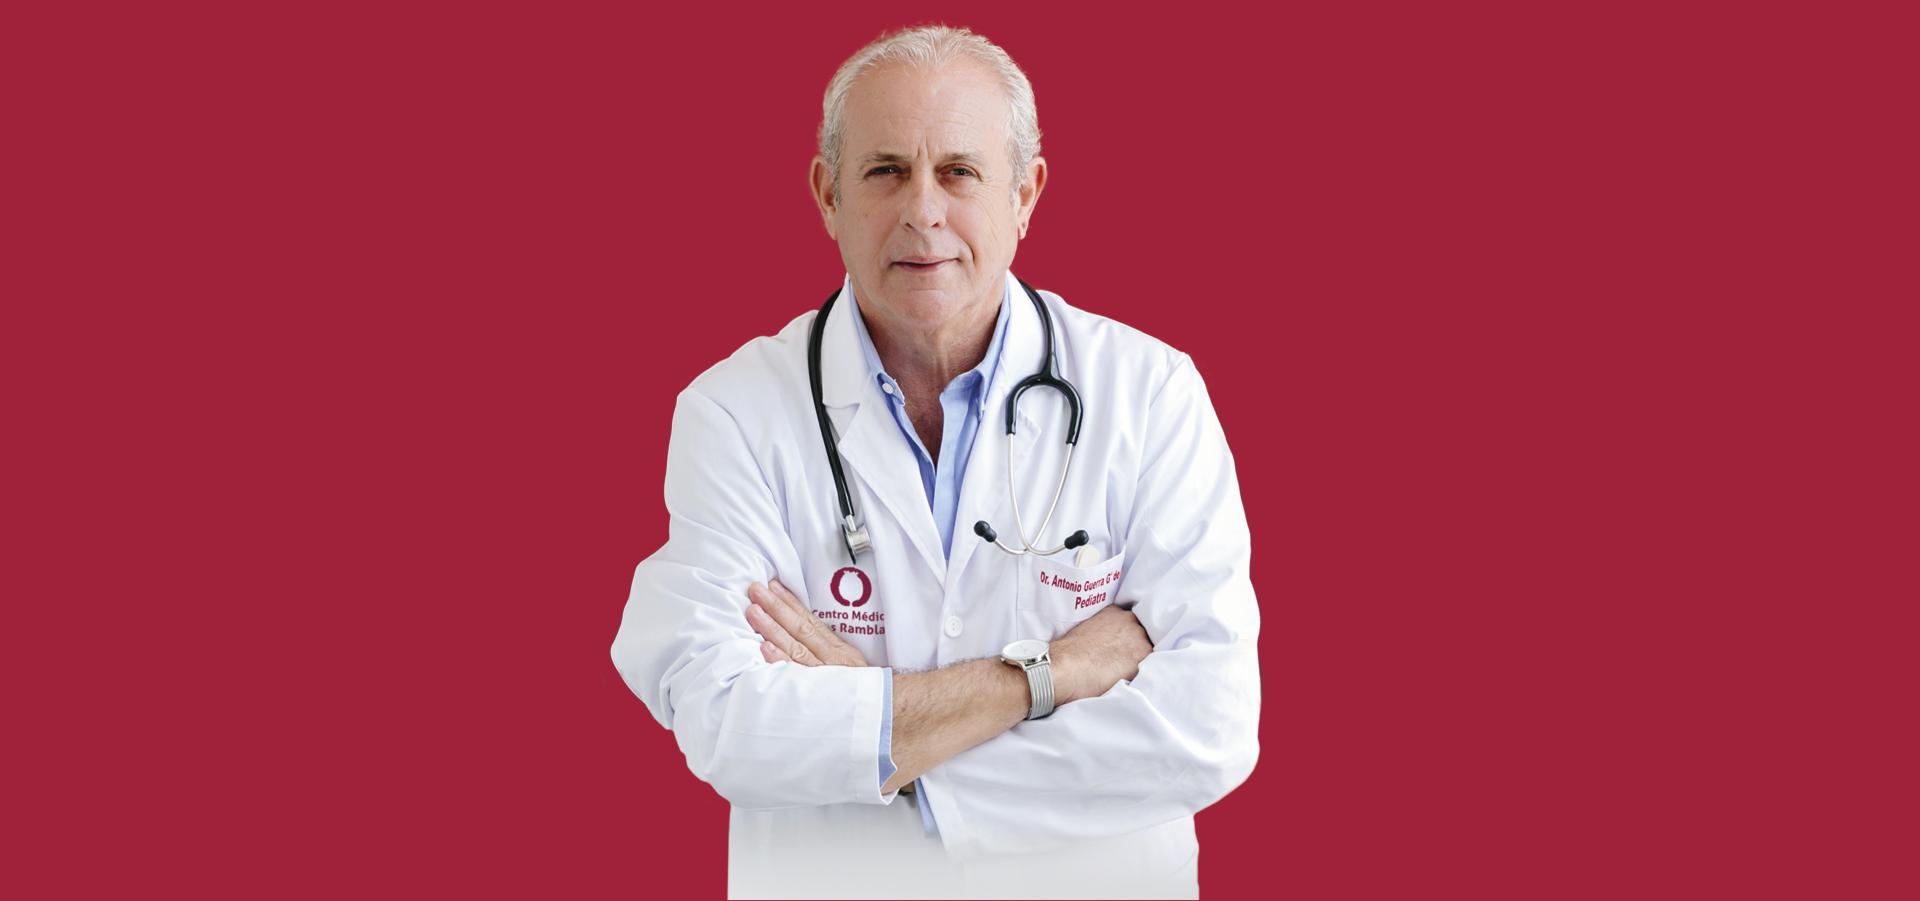 Dr. Antonio Guerra García de Celis